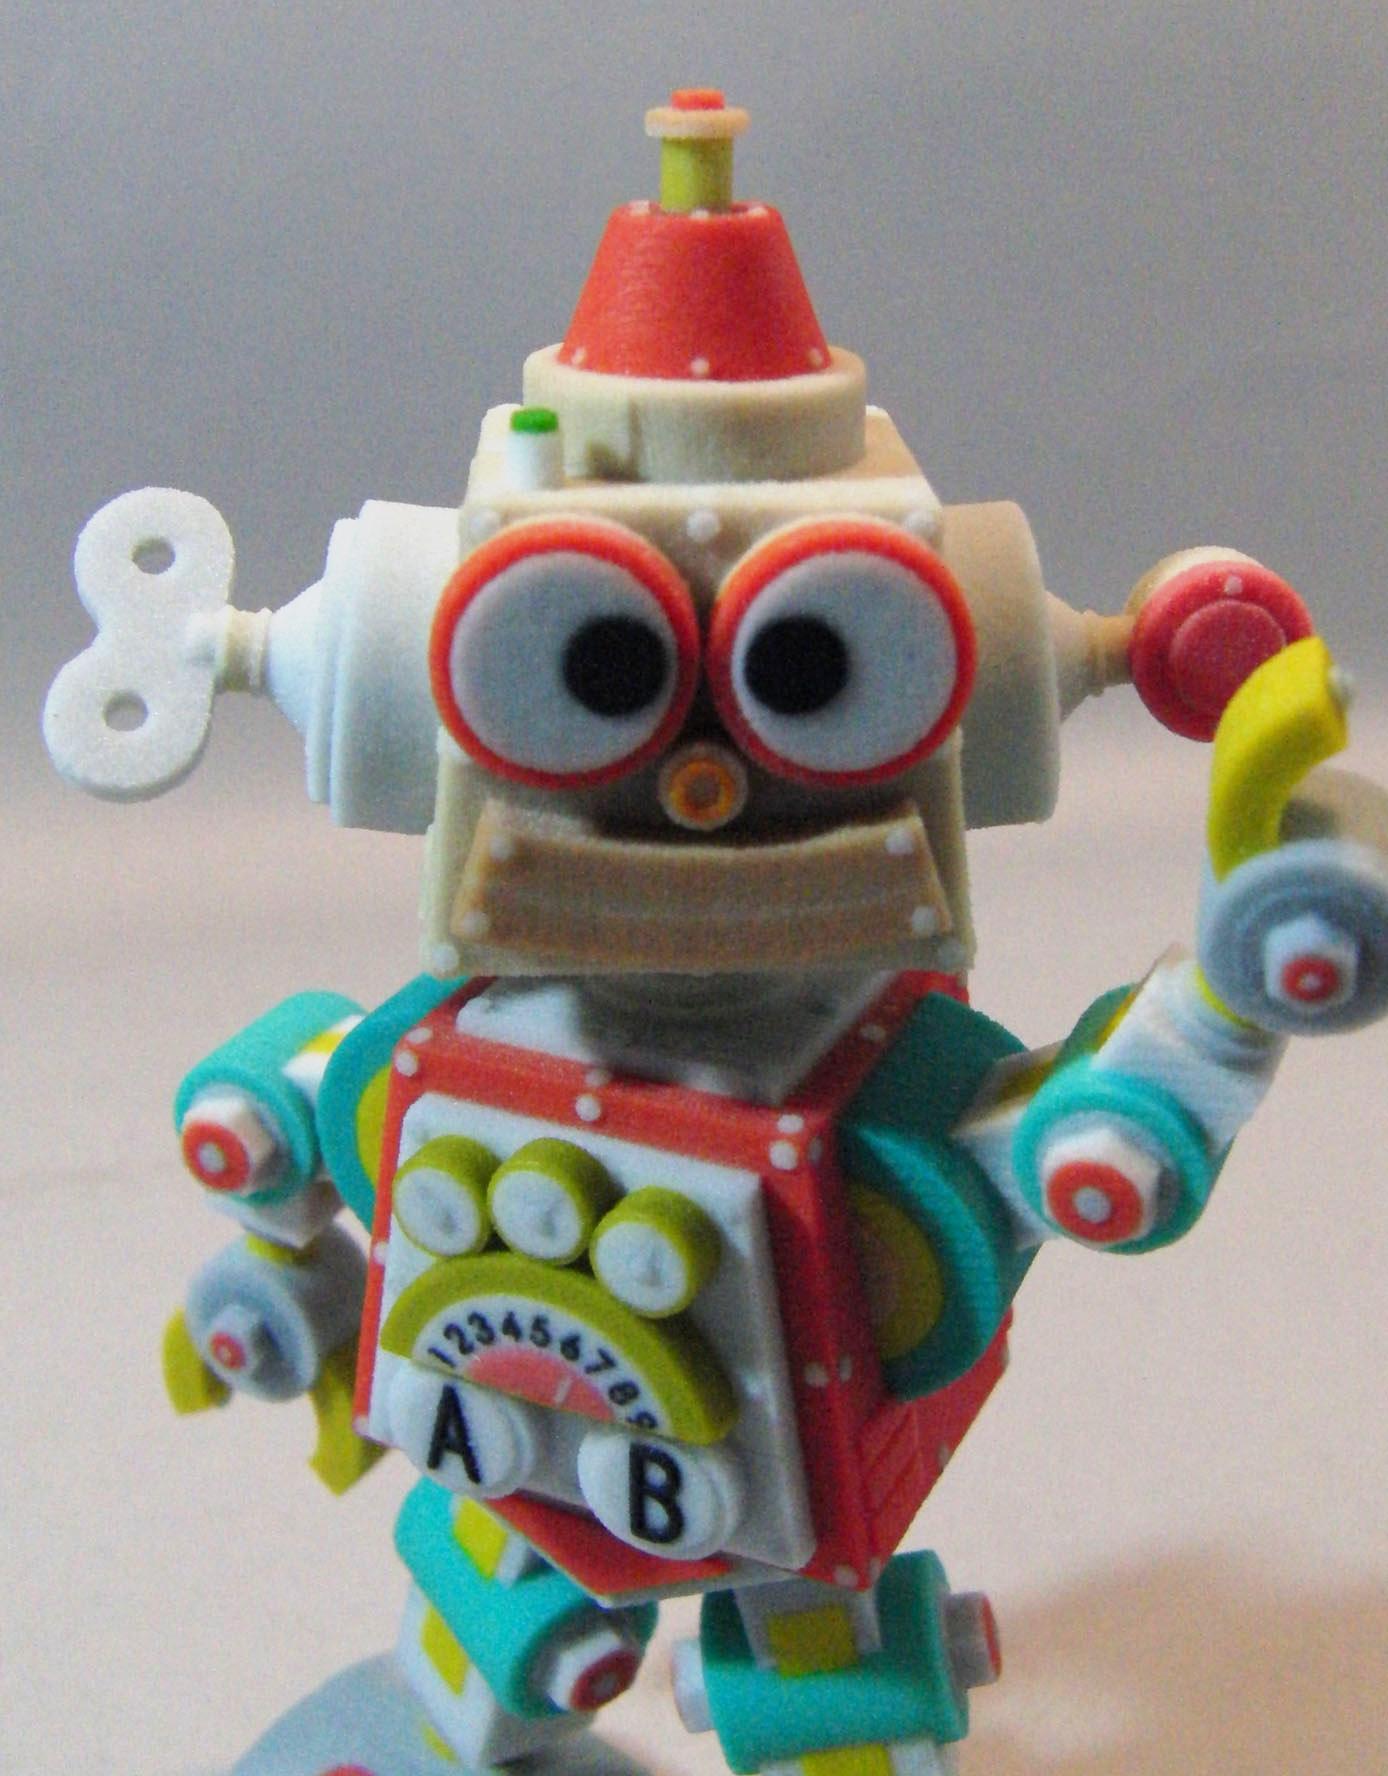 JS-ROBOTICS